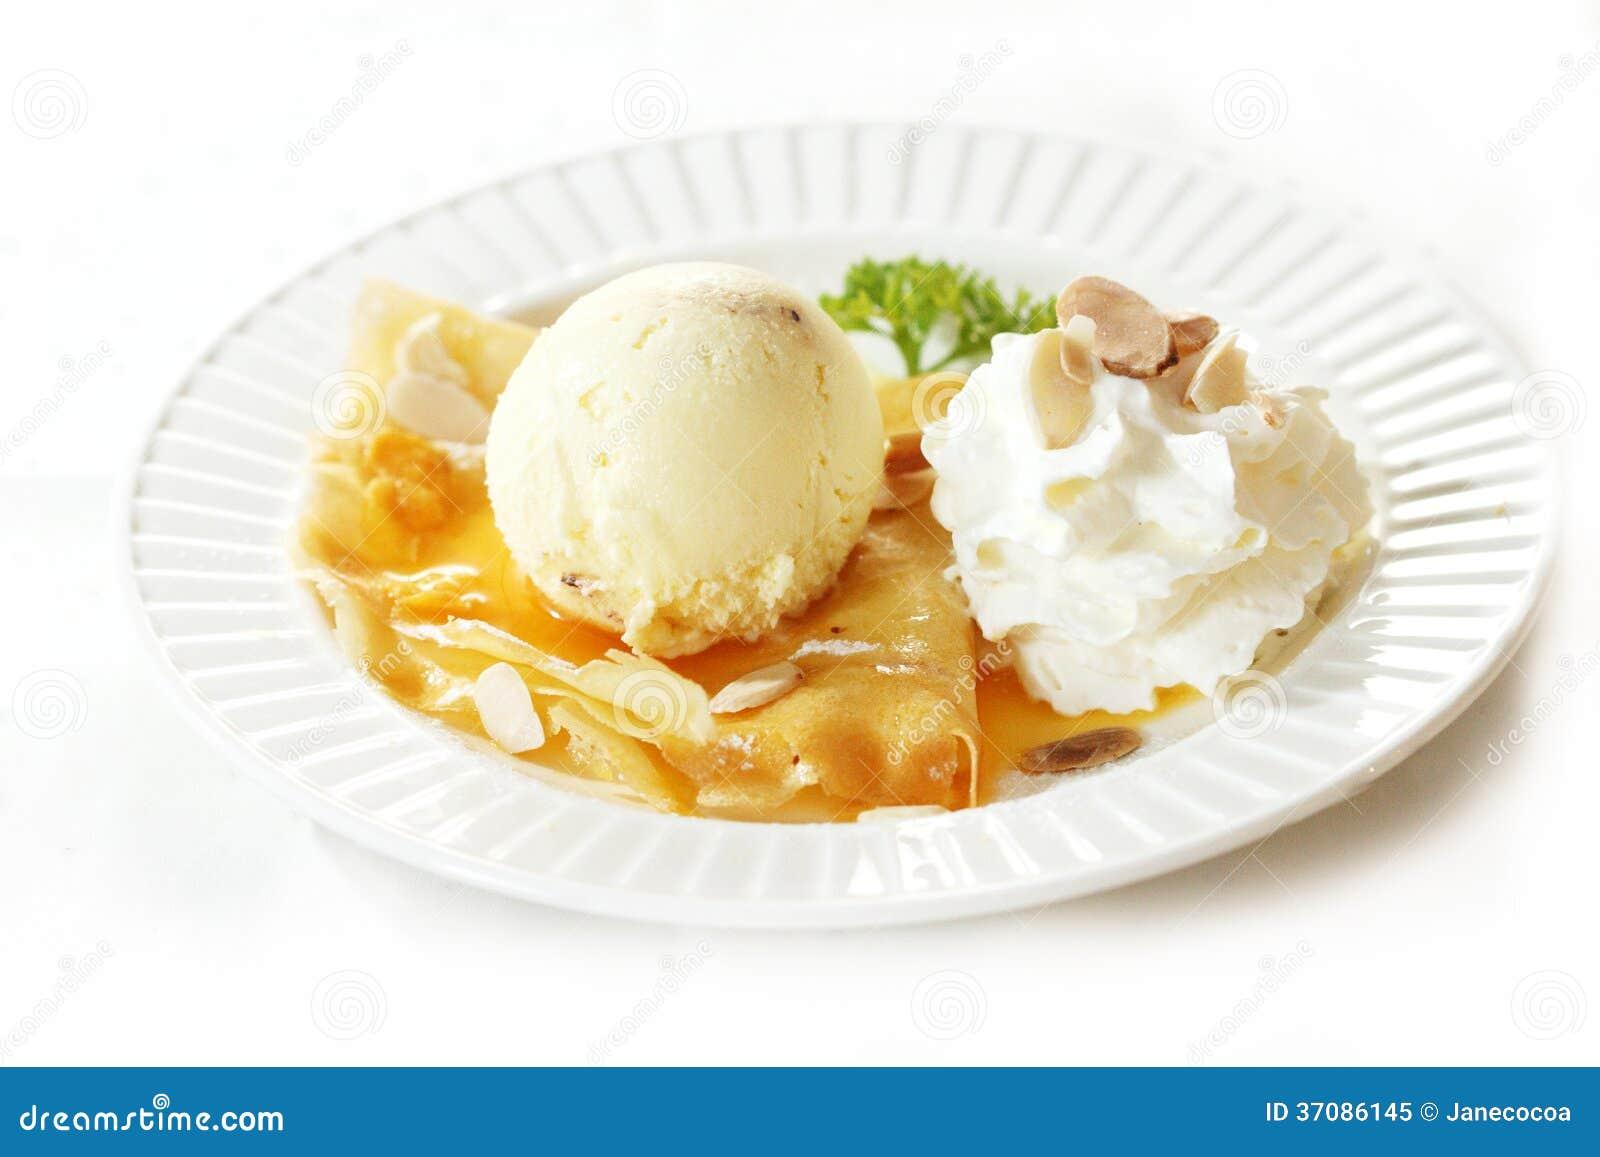 Download Lody z krepą obraz stock. Obraz złożonej z desery, wanilia - 37086145